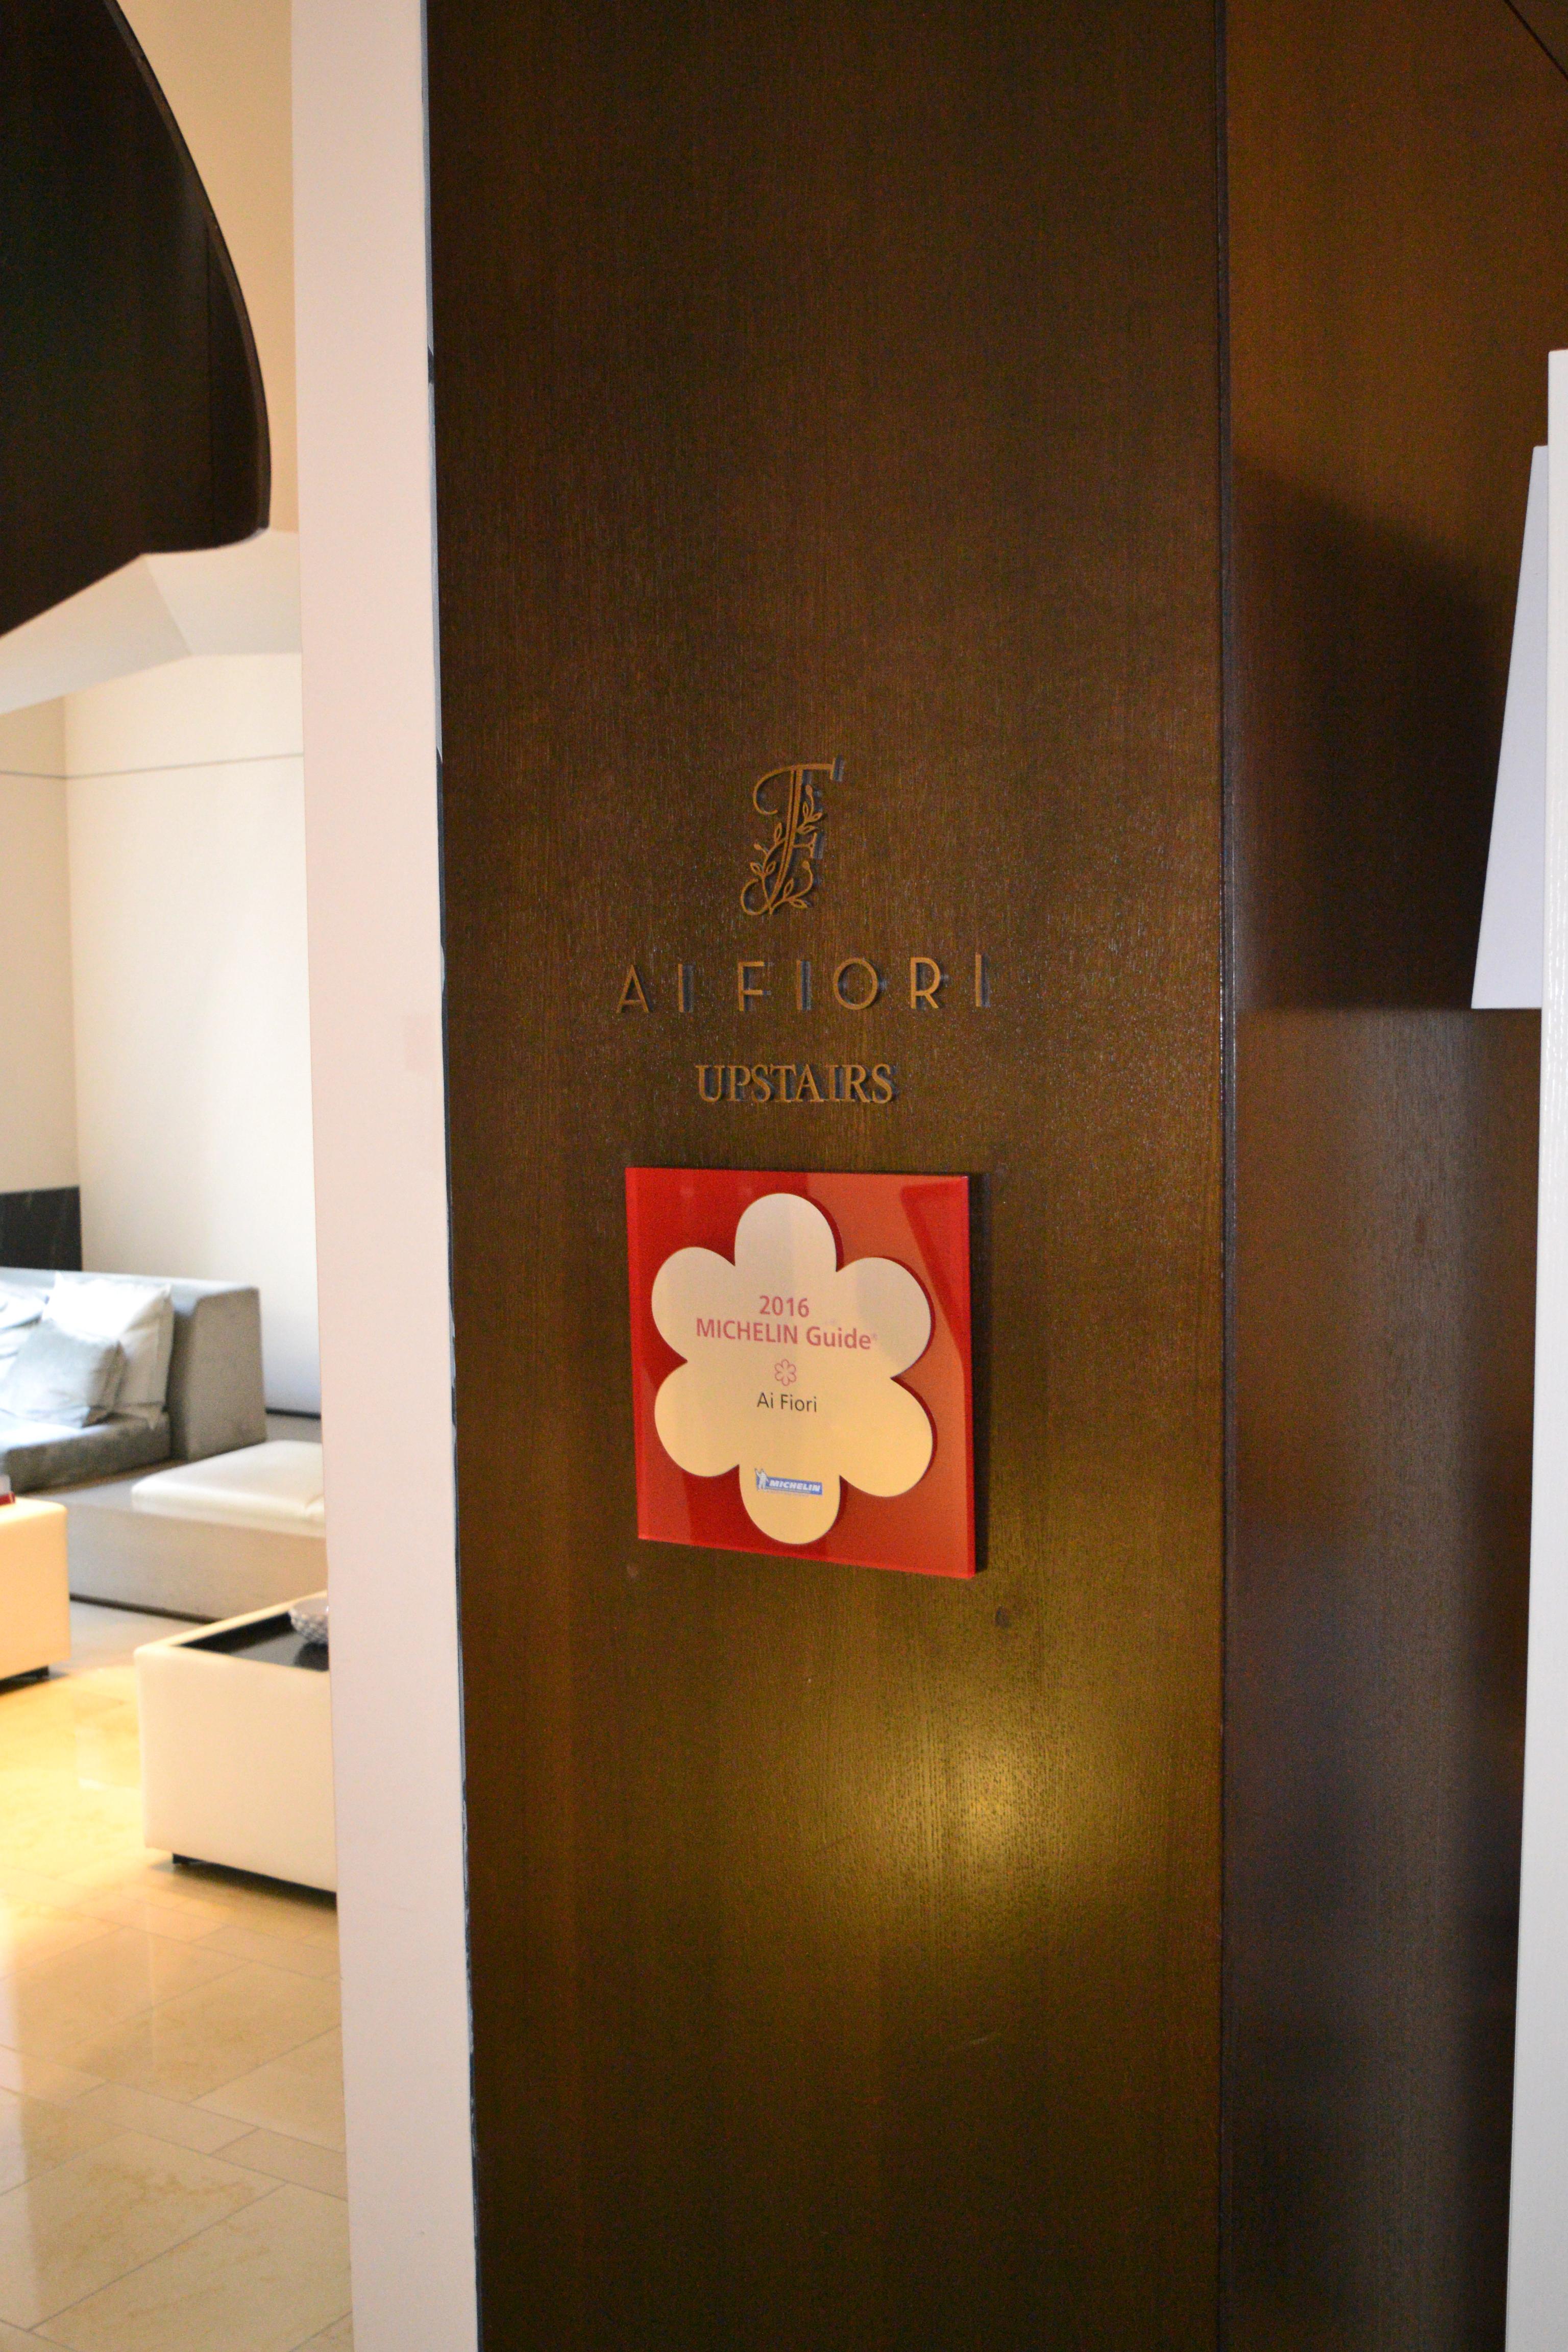 Hotel Ai Fiori.Neb Vinous Vietti Dinner With Luca Currado Ai Fiori Nyc 6 13 2017